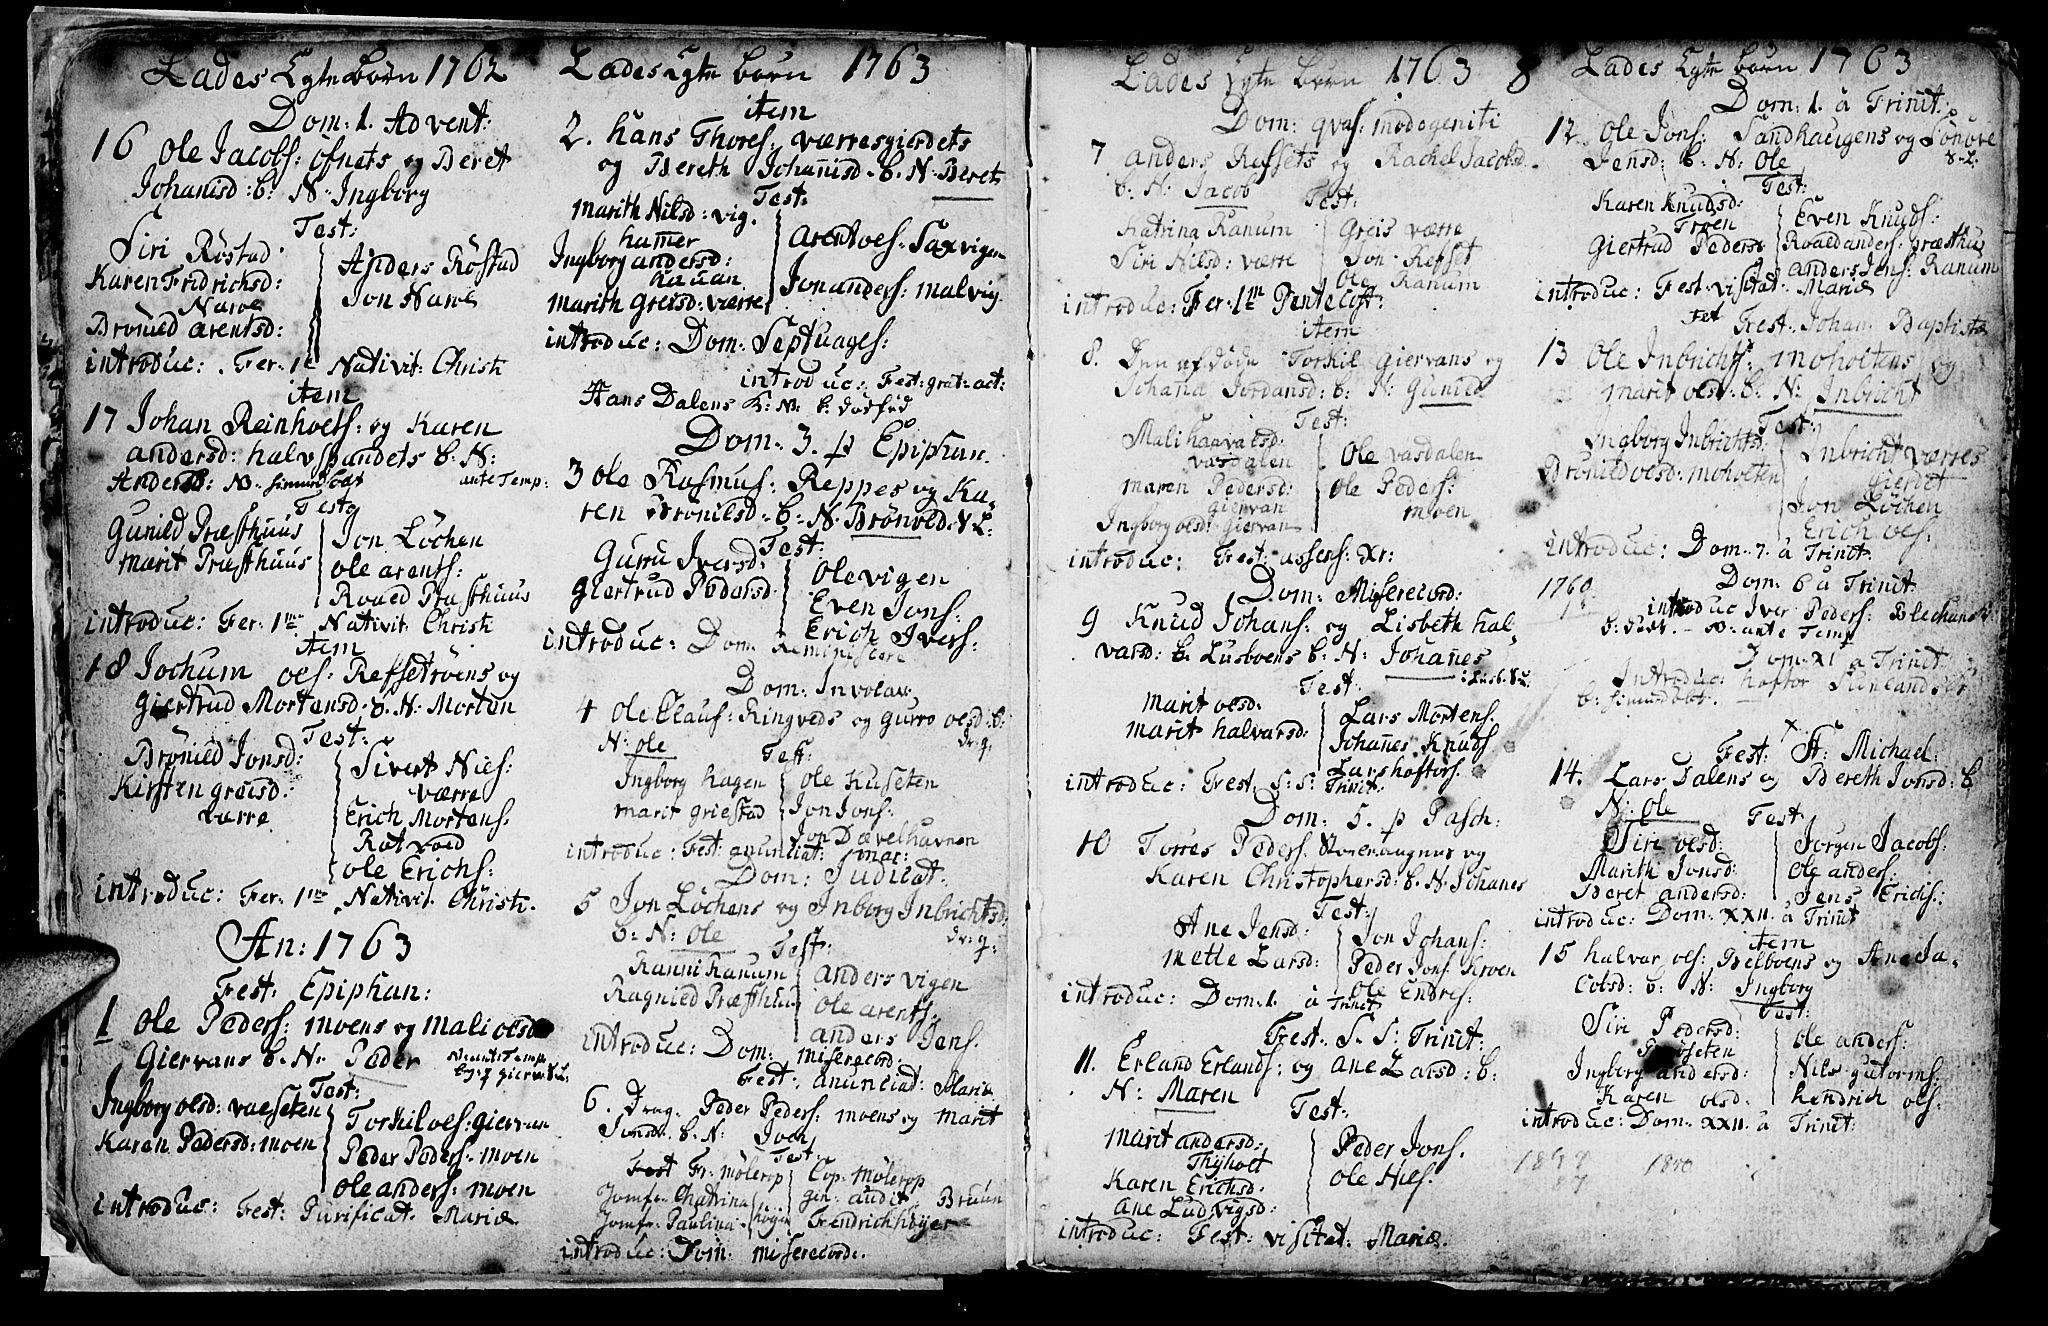 SAT, Ministerialprotokoller, klokkerbøker og fødselsregistre - Sør-Trøndelag, 606/L0305: Klokkerbok nr. 606C01, 1757-1819, s. 8